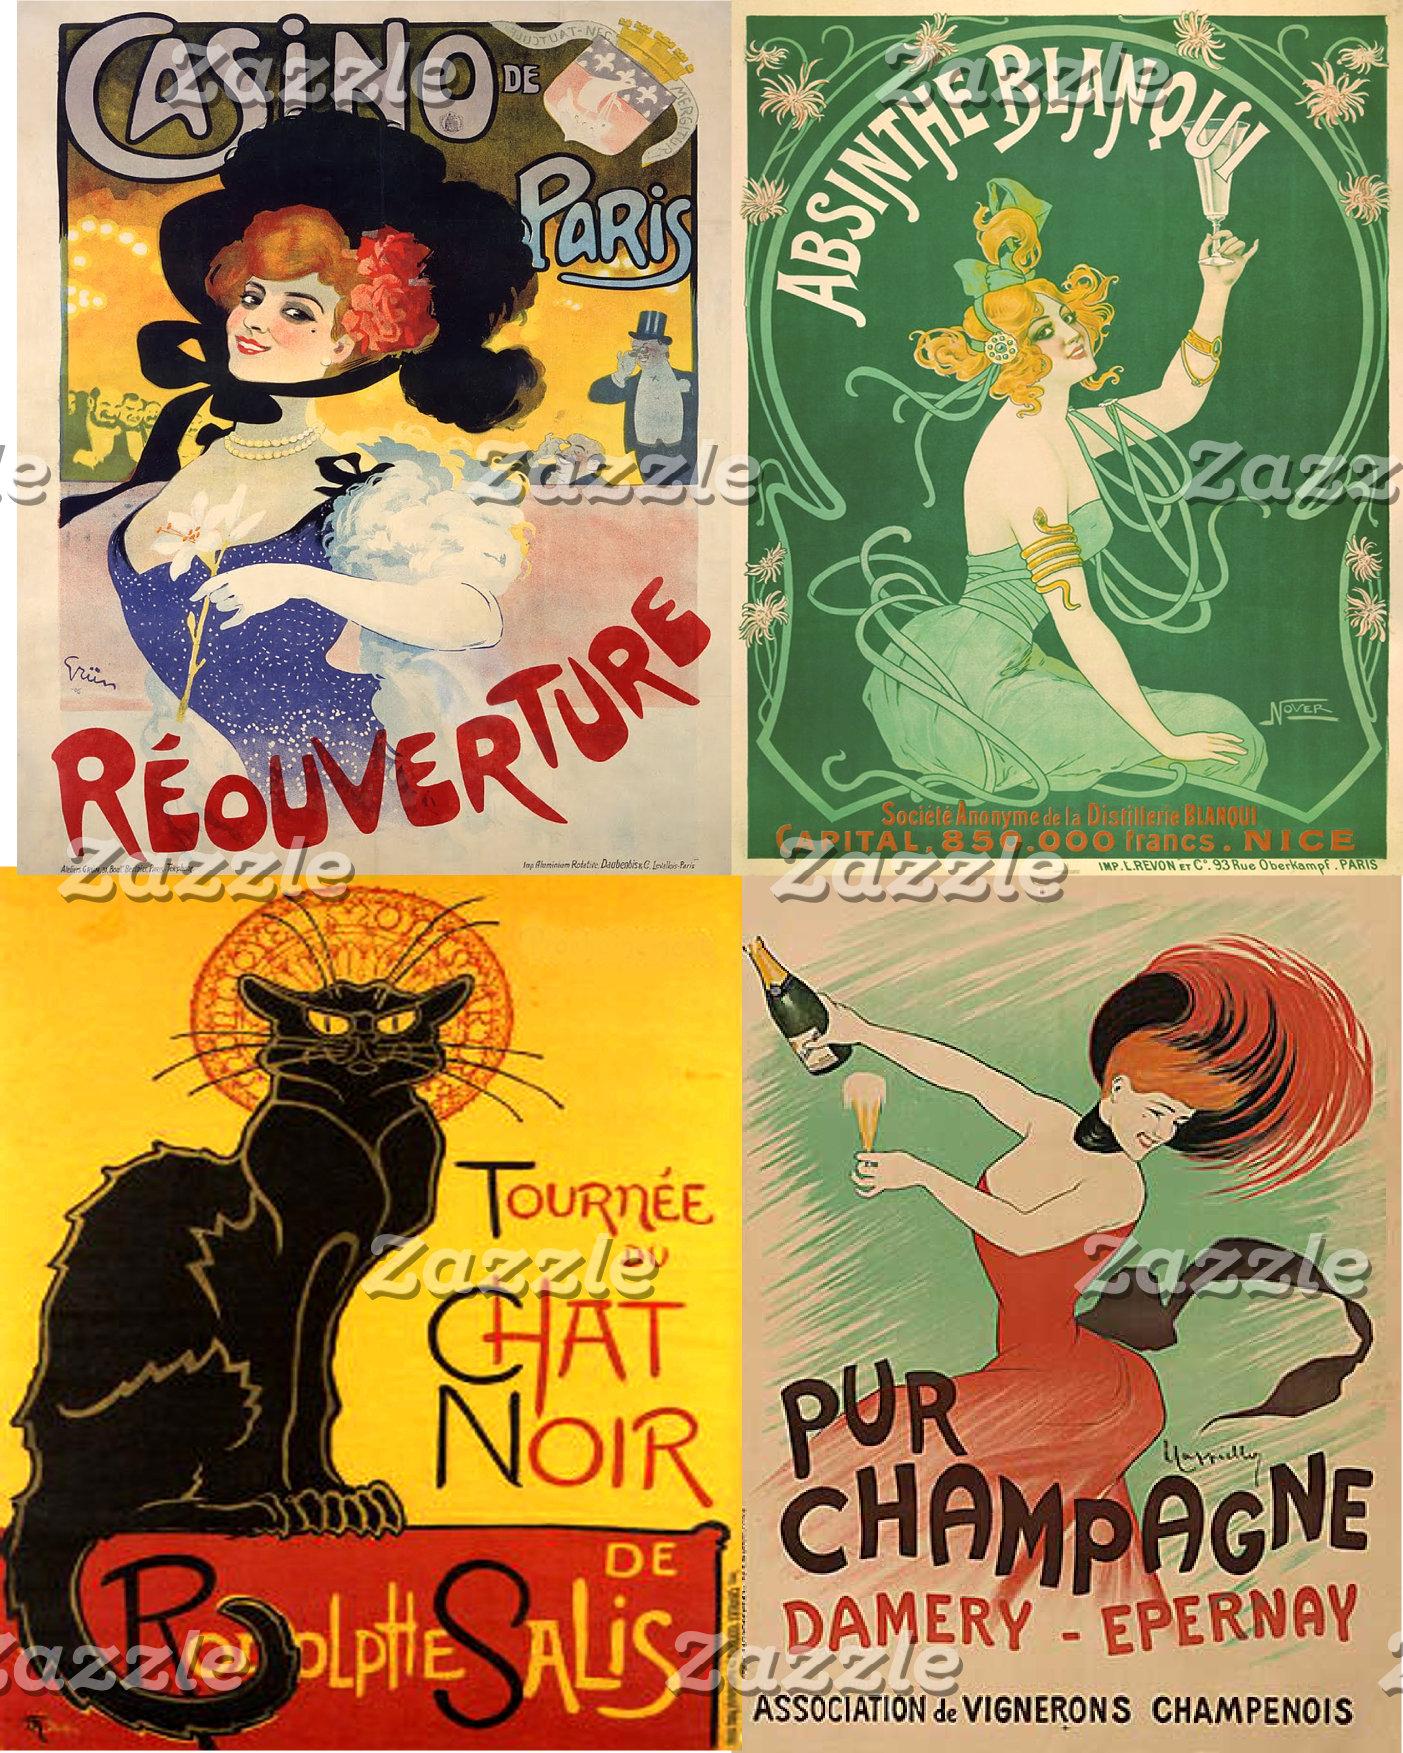 Art Nouveau\Belle Epoque